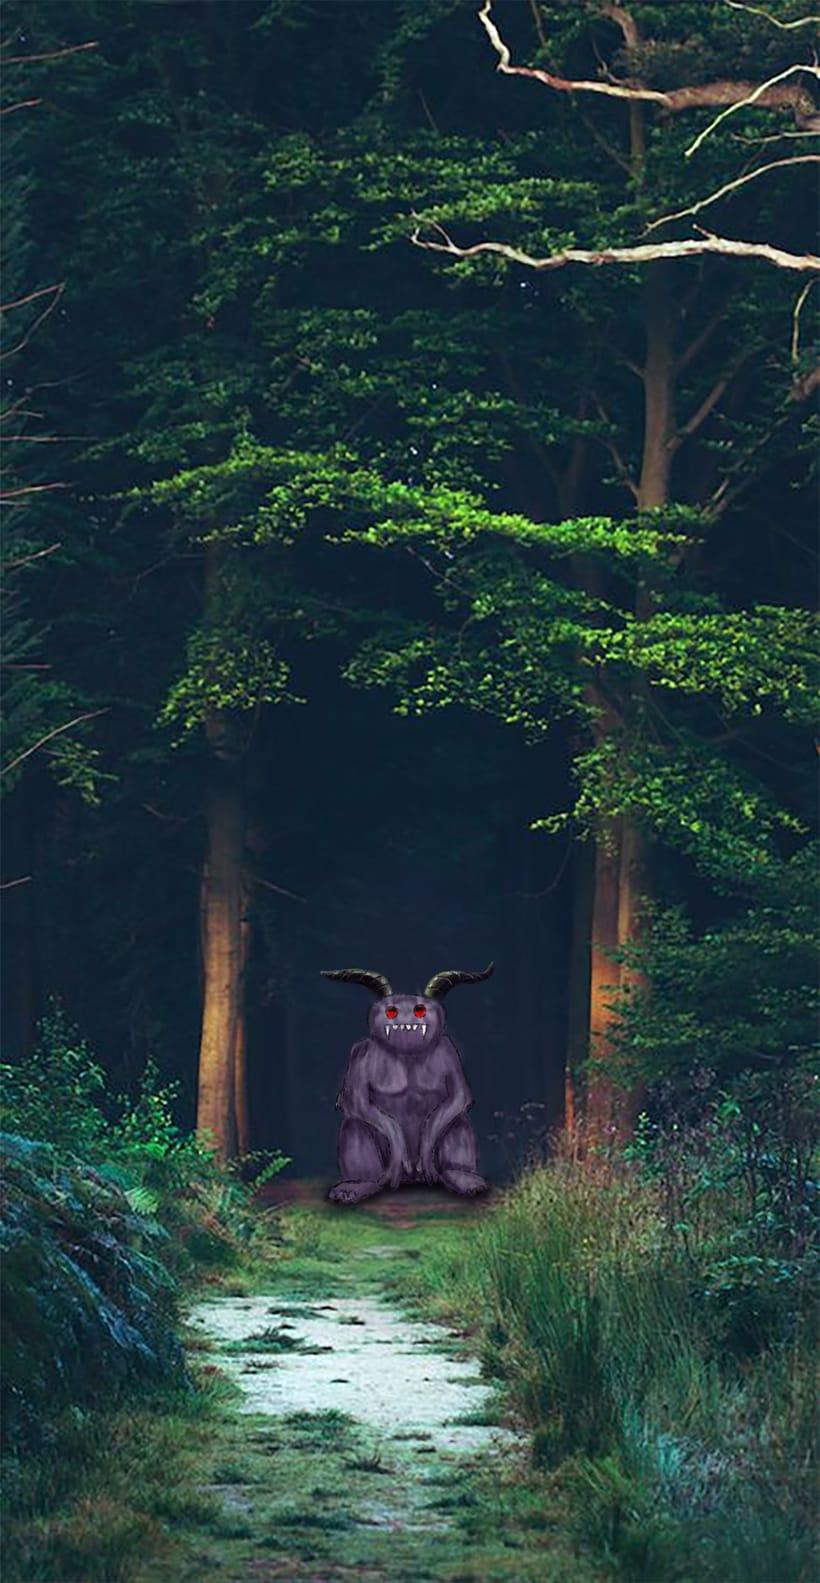 Bienvenido al bosque -1